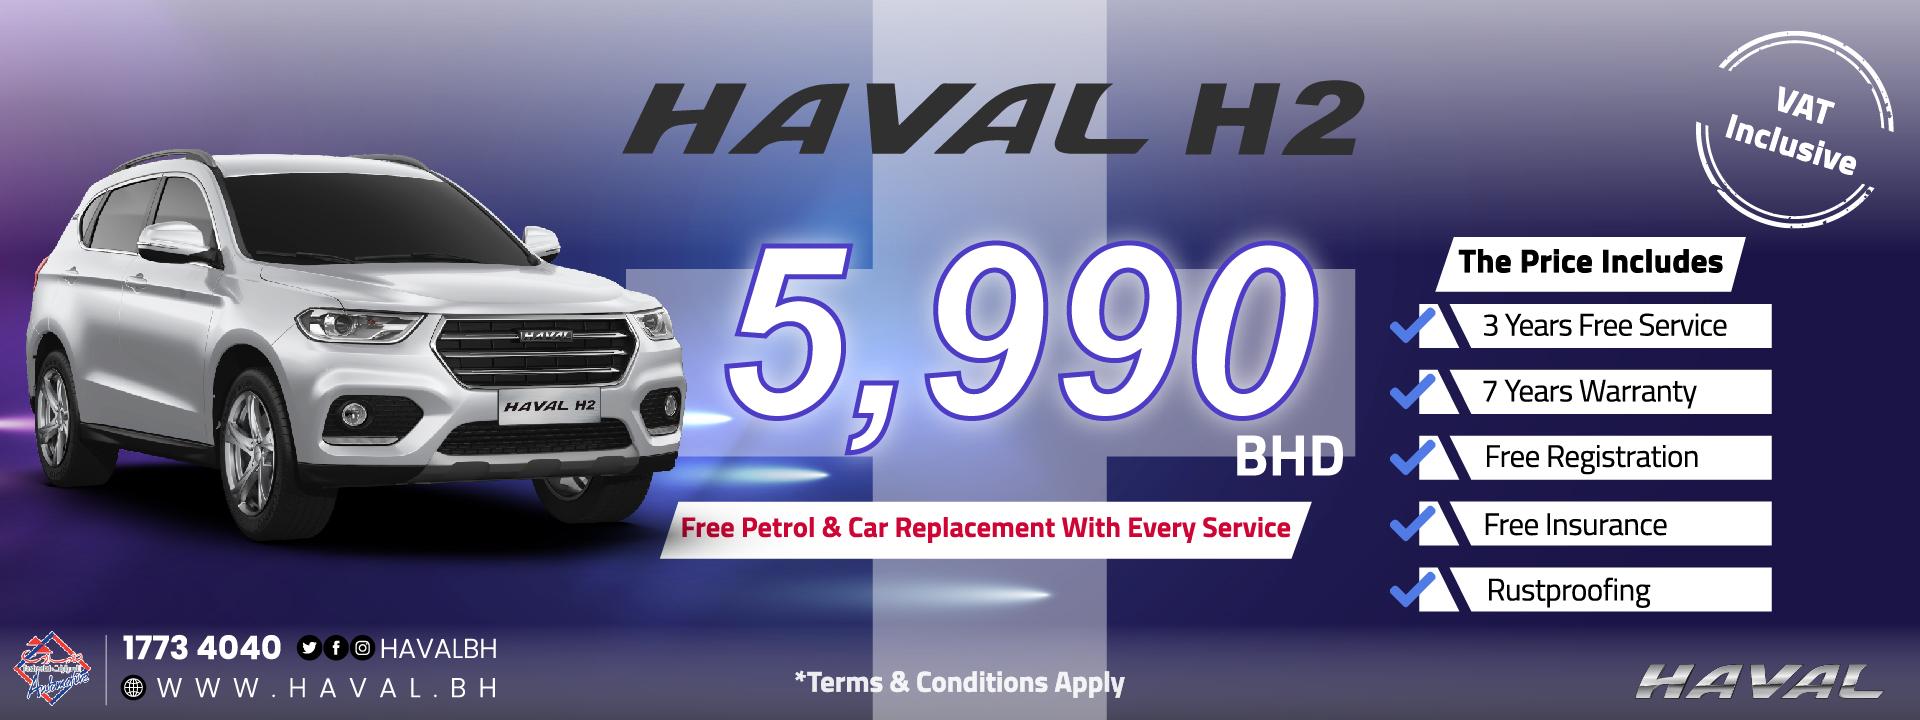 HAVAL H2 5,990 BHD